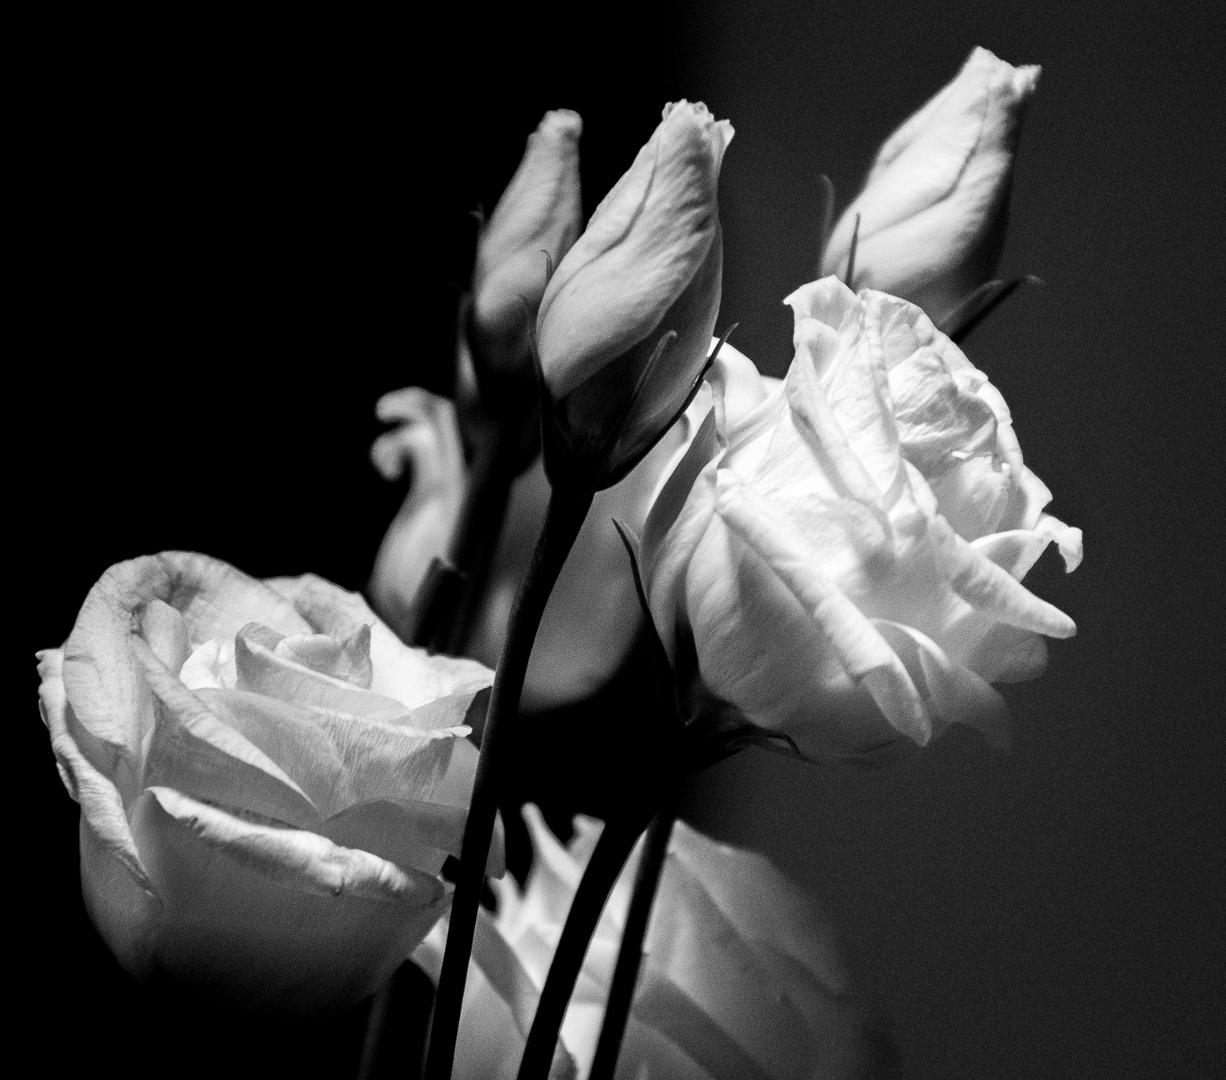 Fond D Ecran Monochrome La Photographie Rose Noir Et Blanc